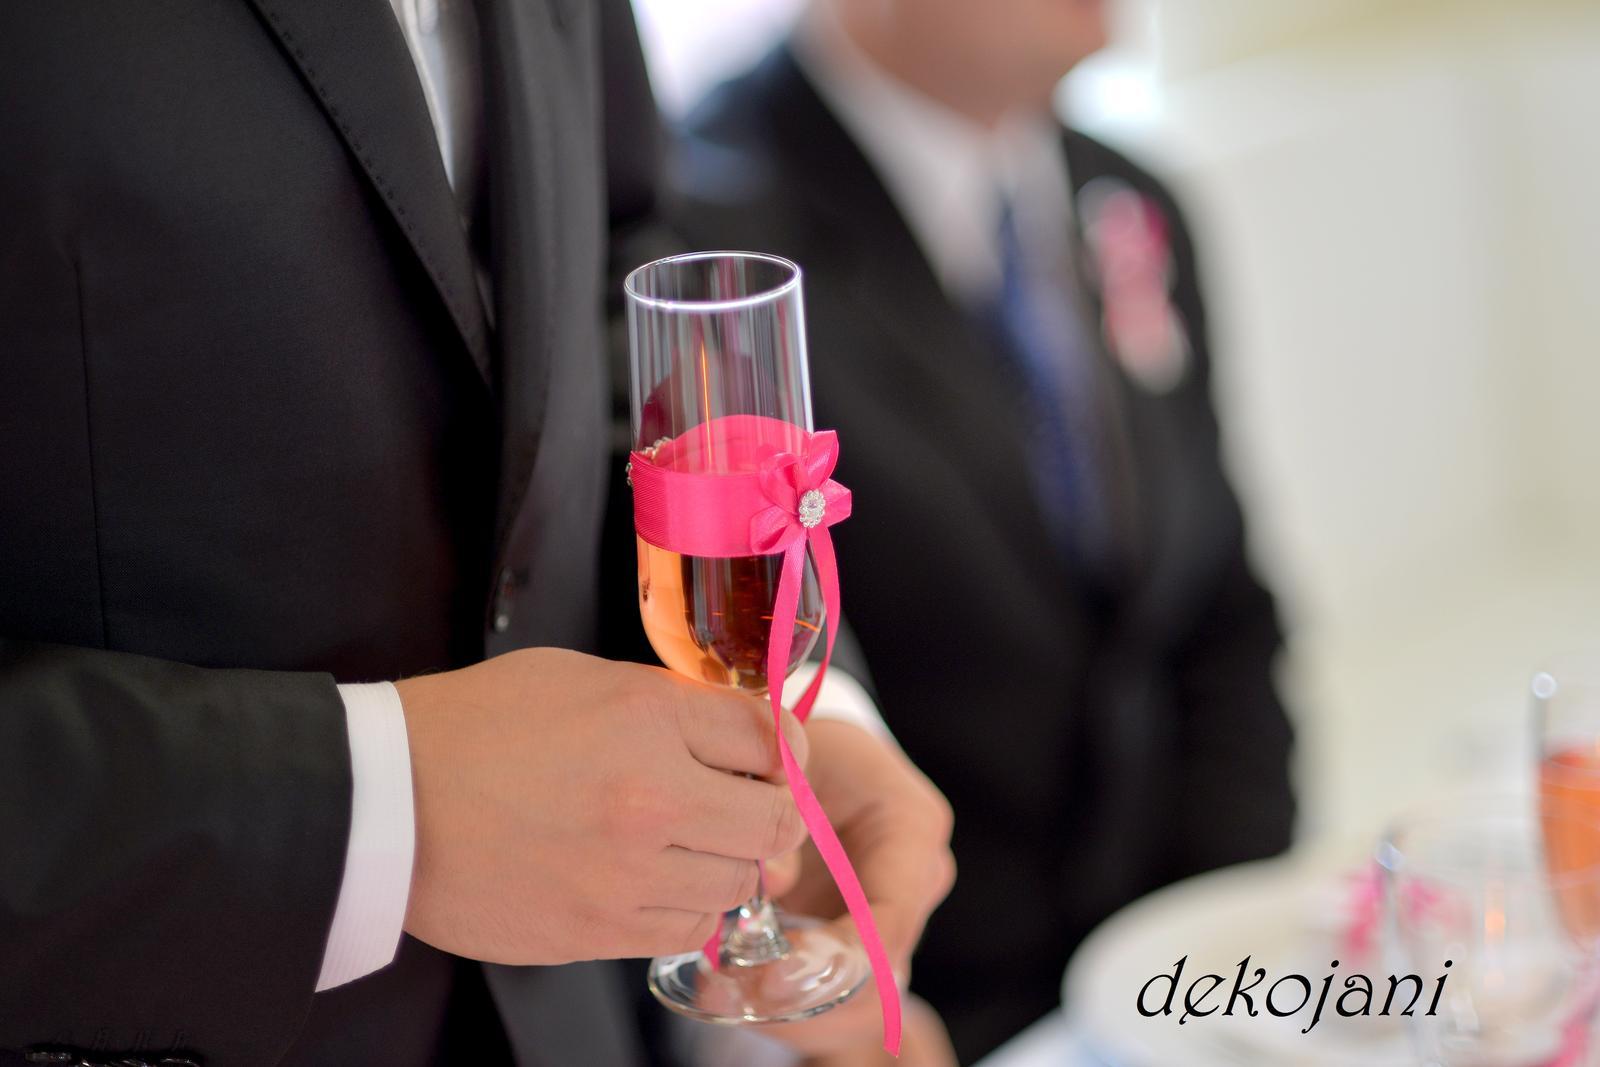 aguagulka - Ozdobená svatební sklenička...